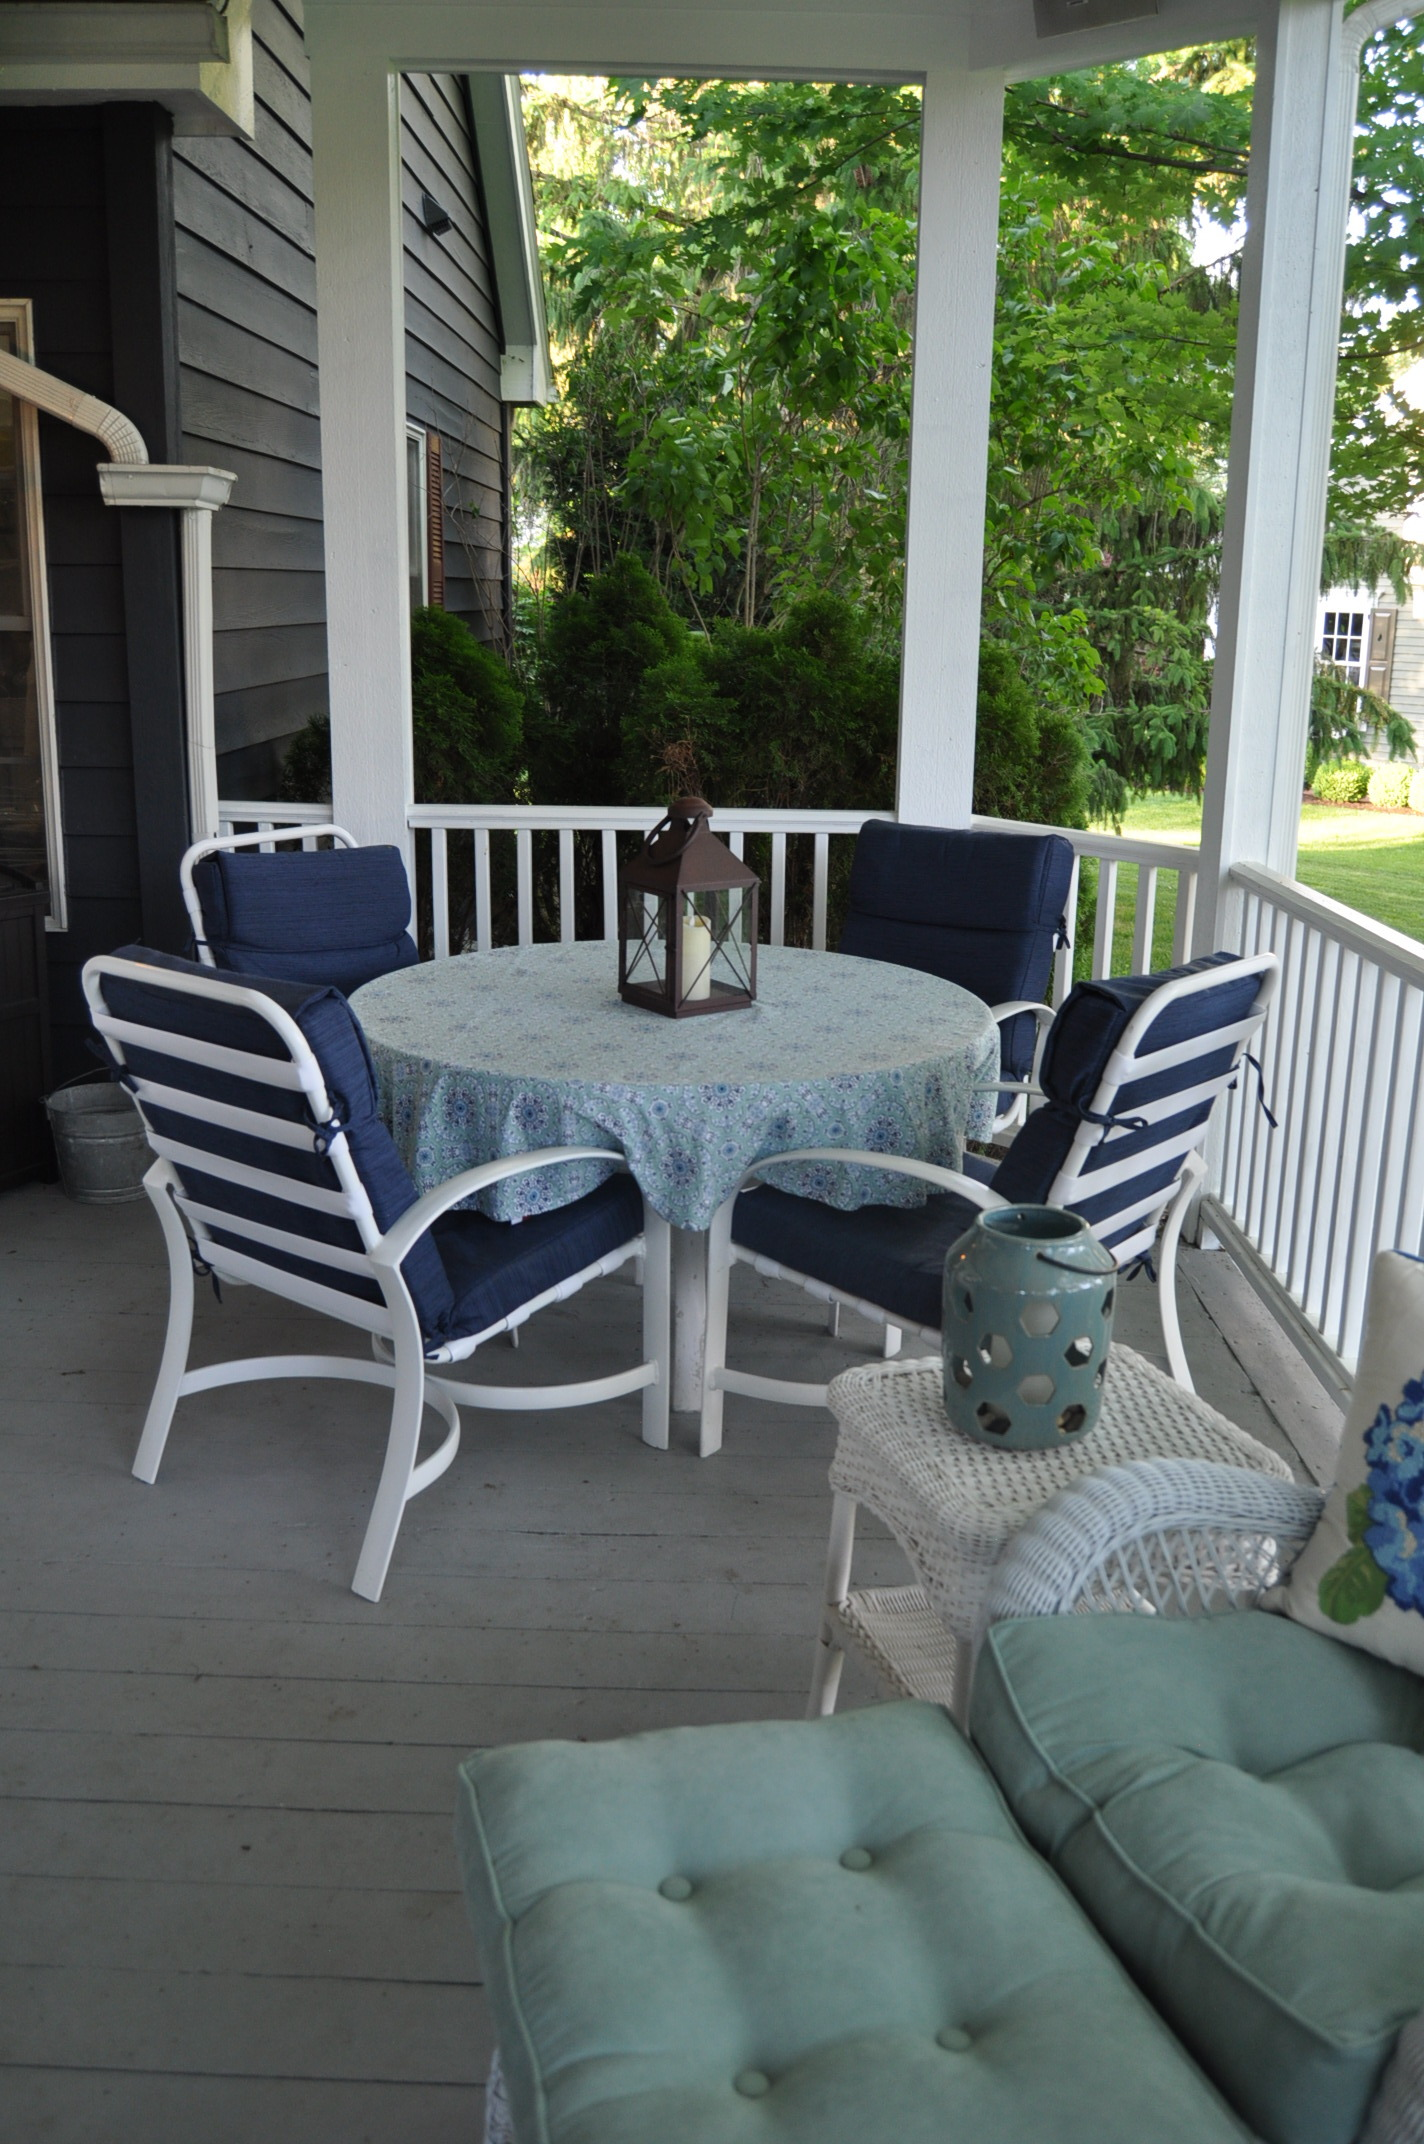 Our favorite dinner spot.